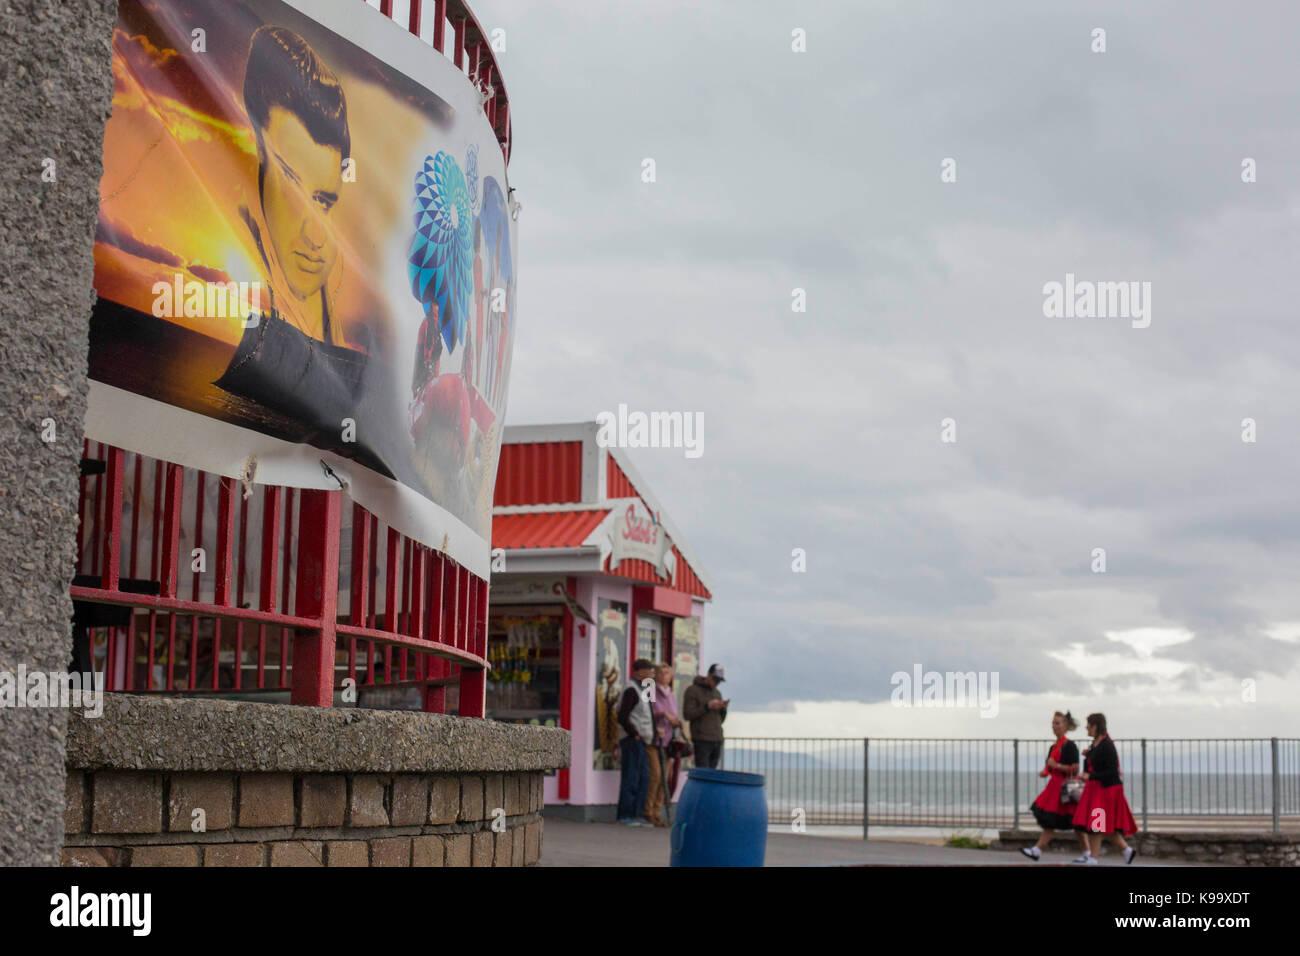 Porthcawl, Pays de Galles, Royaume-Uni. 22 sep, 2017. Vue générale du front de mer de Porthcawl le premier Photo Stock